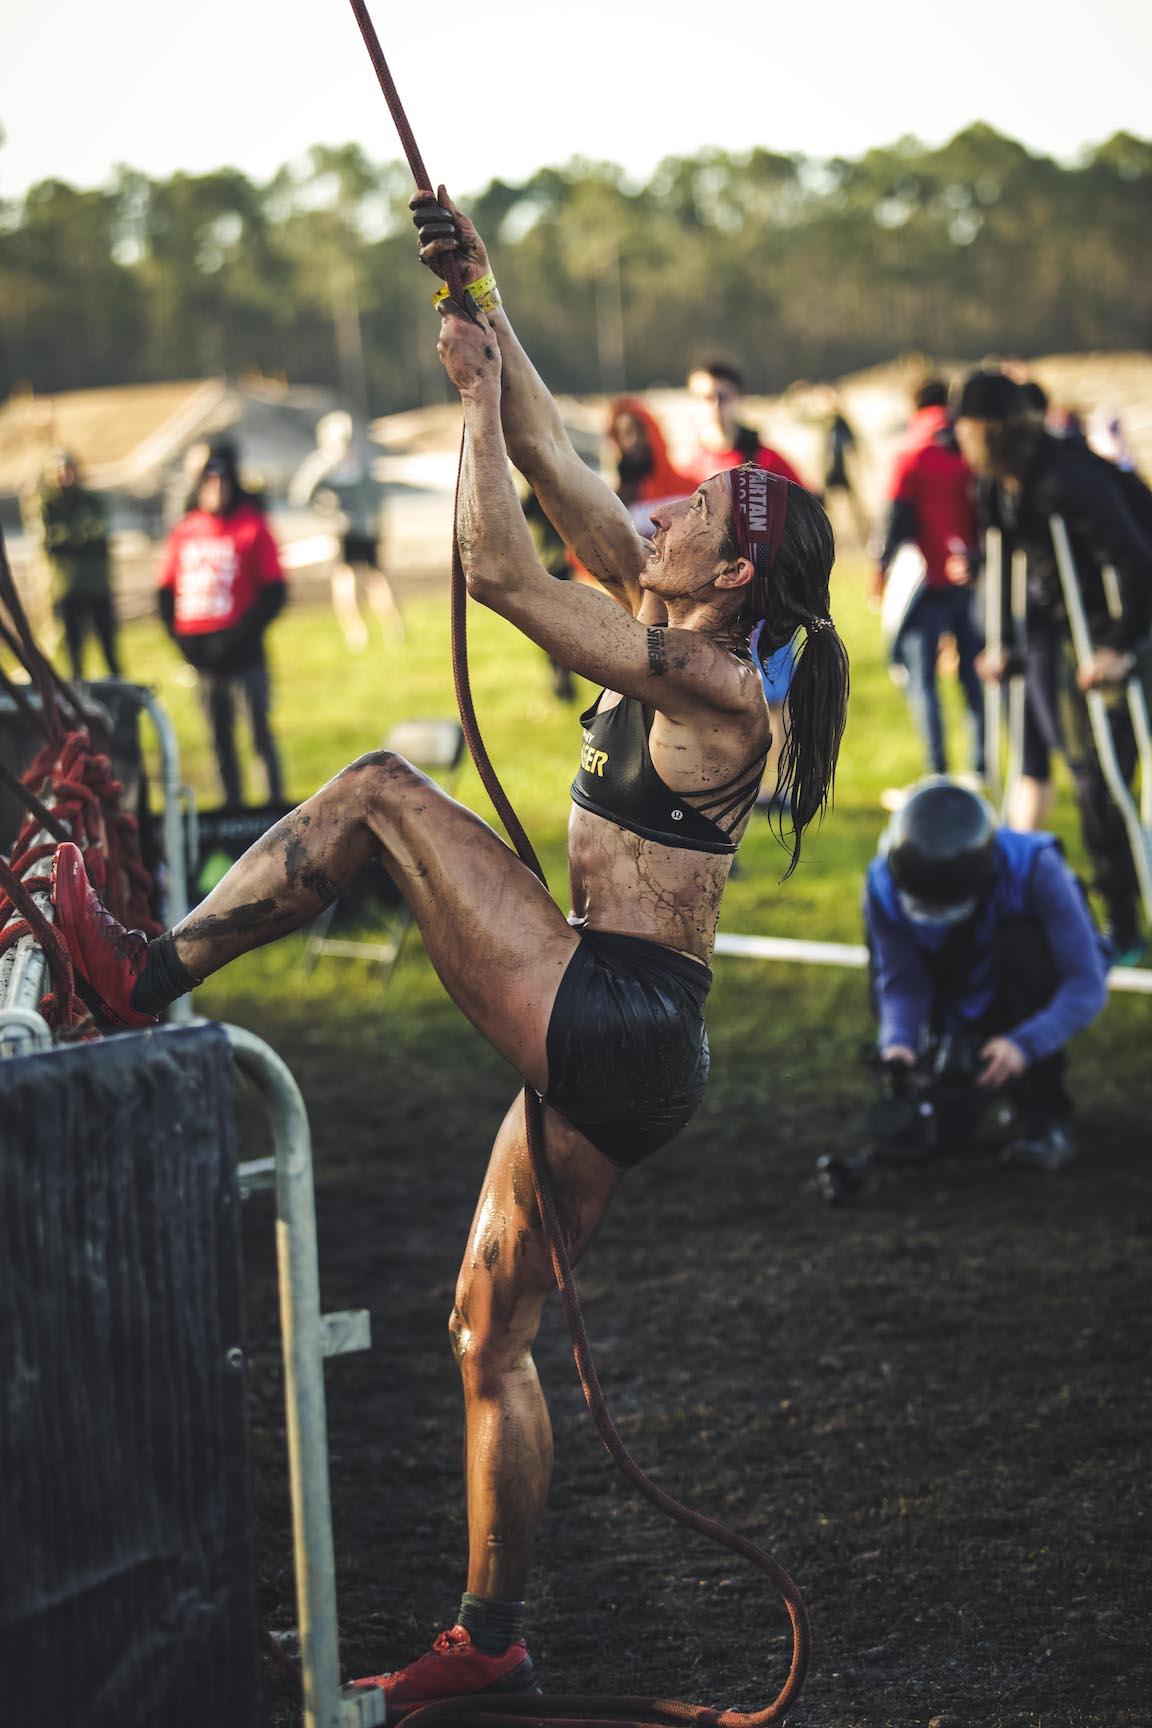 Nicole Mericle trepando por una cuerda en una competencia de obstáculos al aire libre.